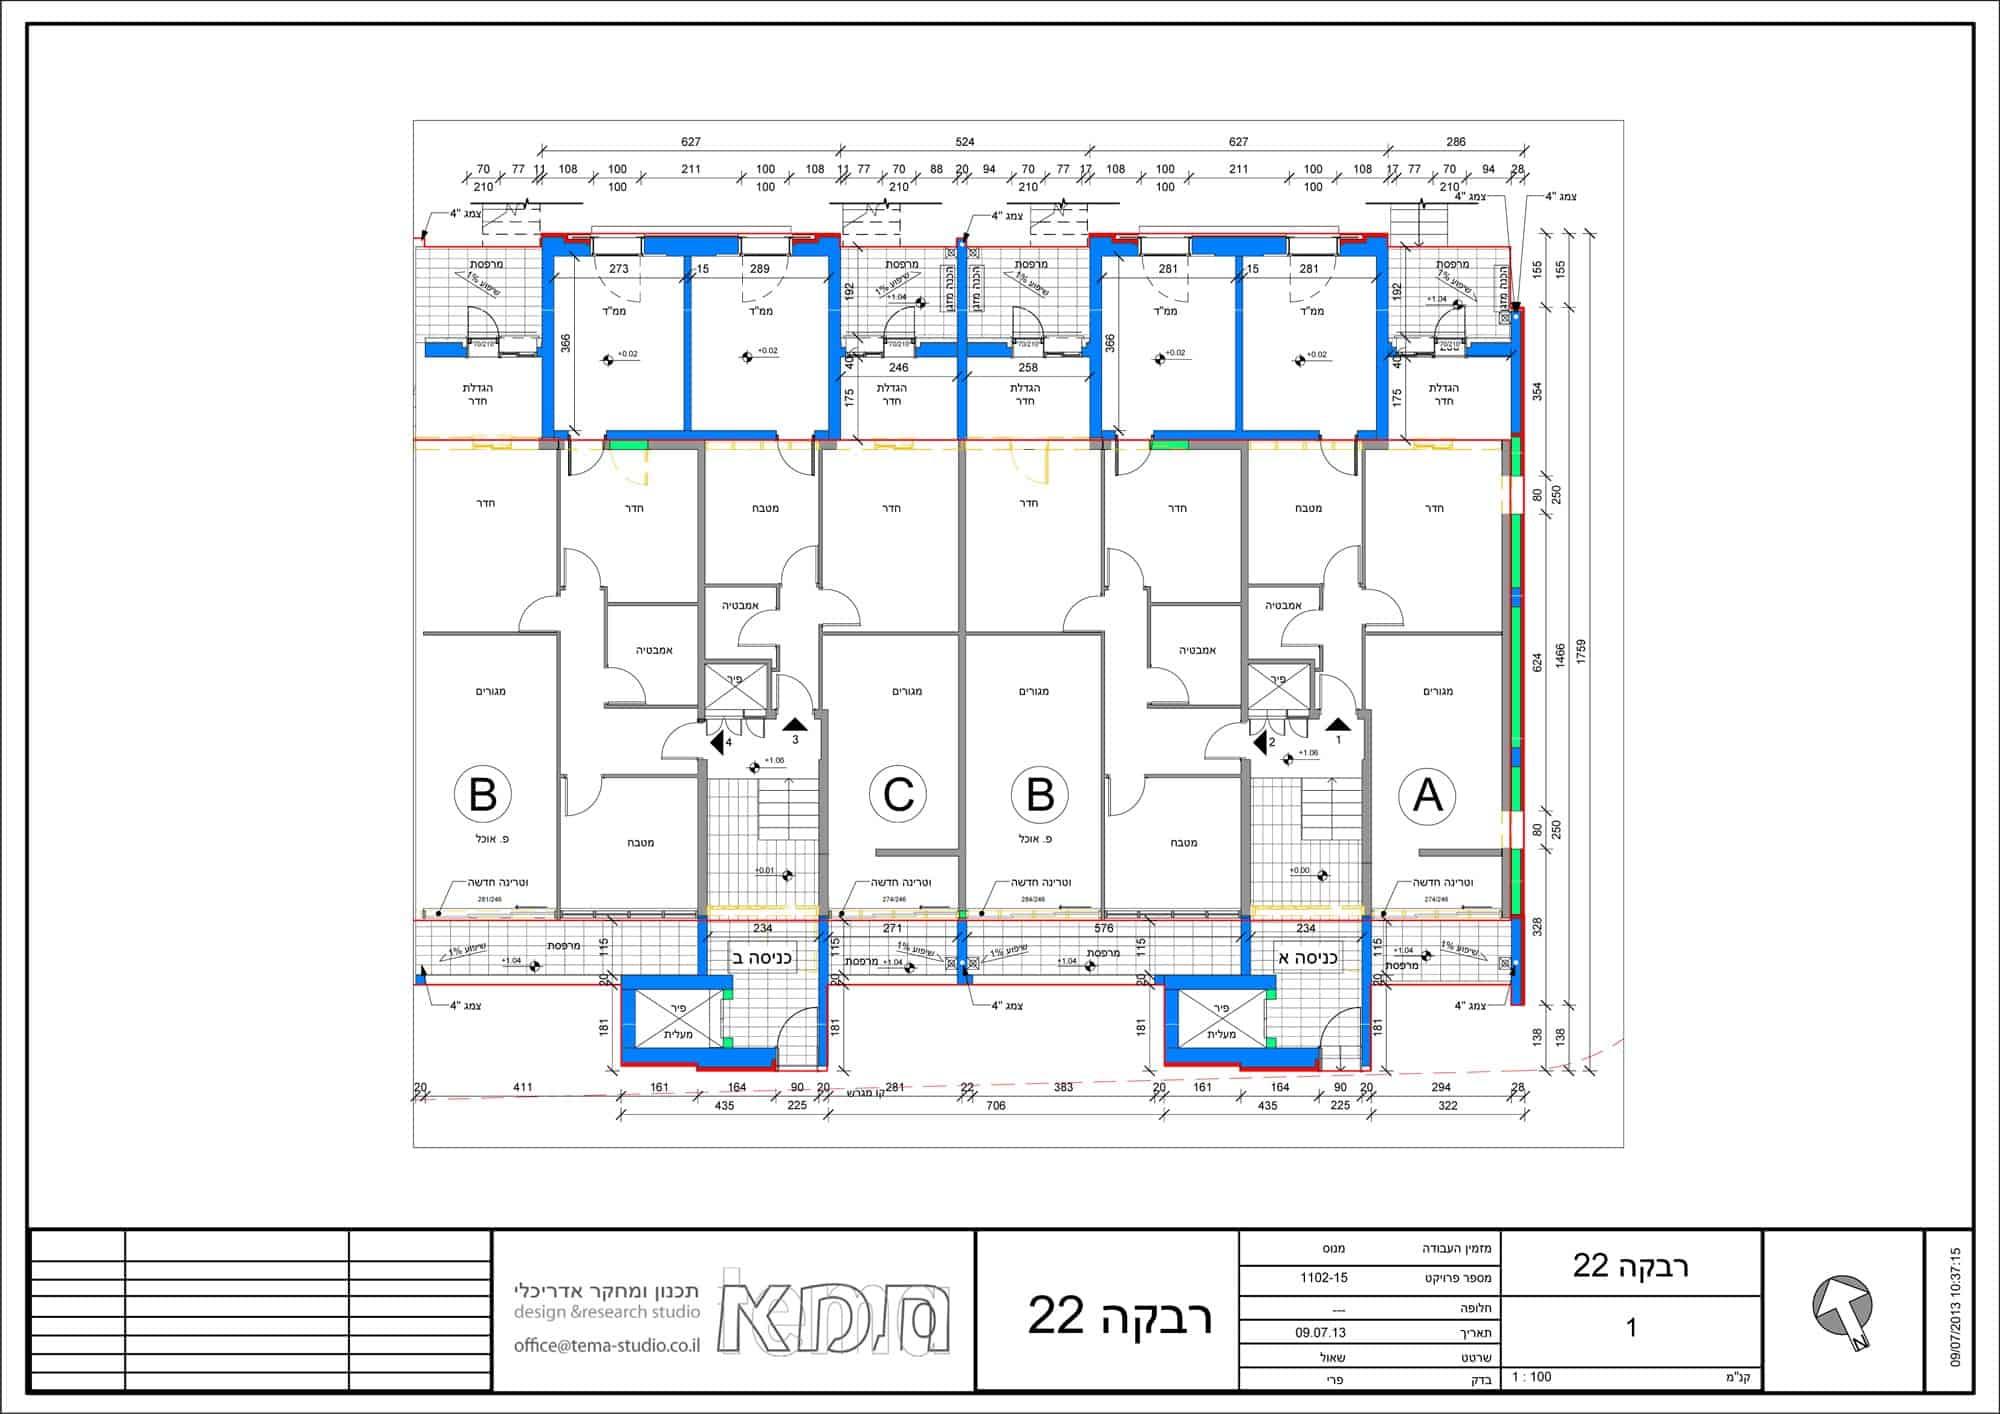 Rivka 22, Jérusalem – Plan d'étage typique, les entrées A-B